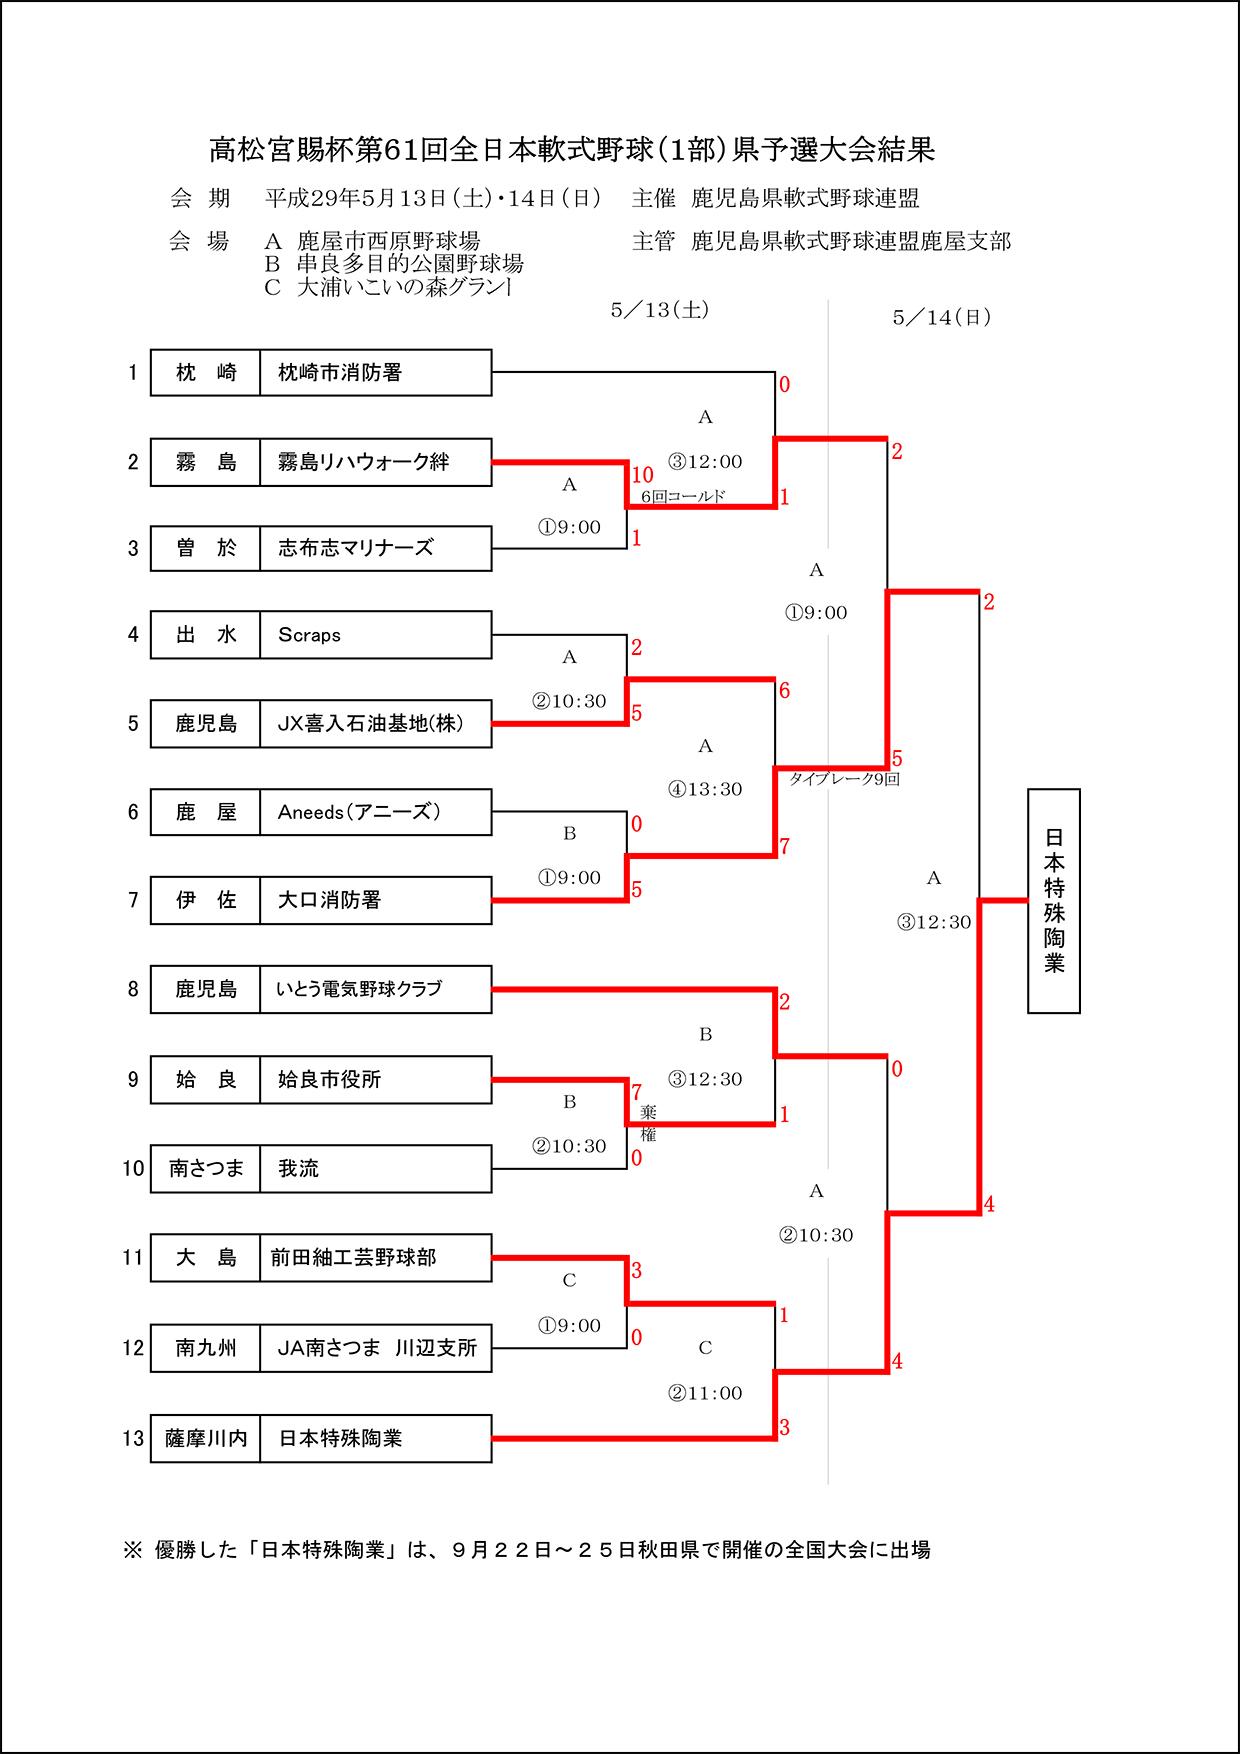 ▽【結果】高松宮賜杯第61回全日本軟式野球(1部)県予選大会結果